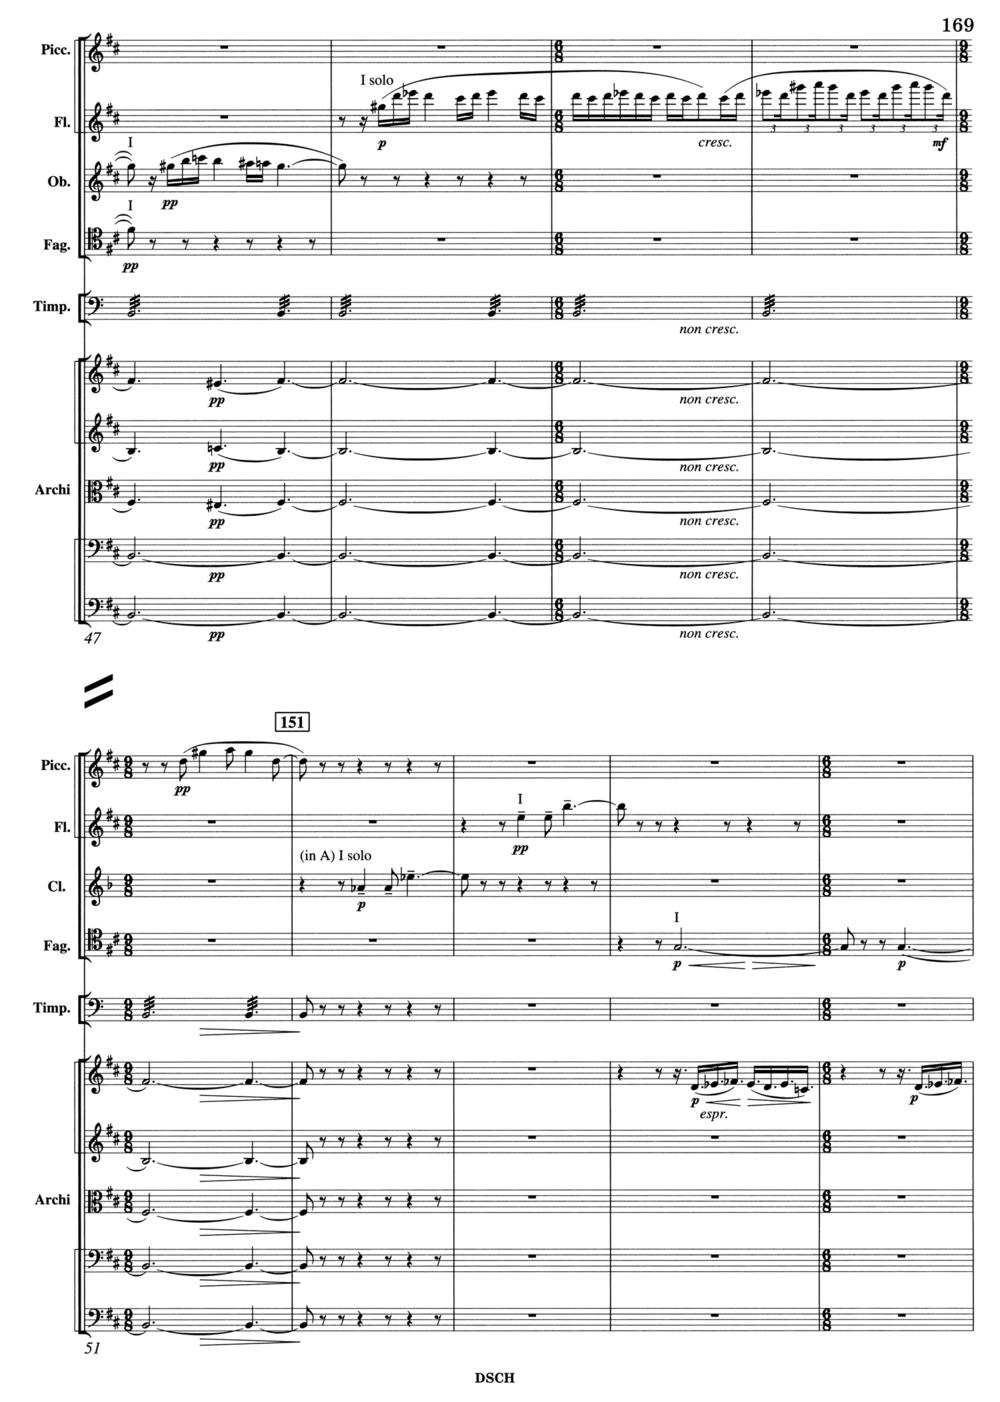 Shostakovich 10 Mvt 4 Score Page 3.jpg